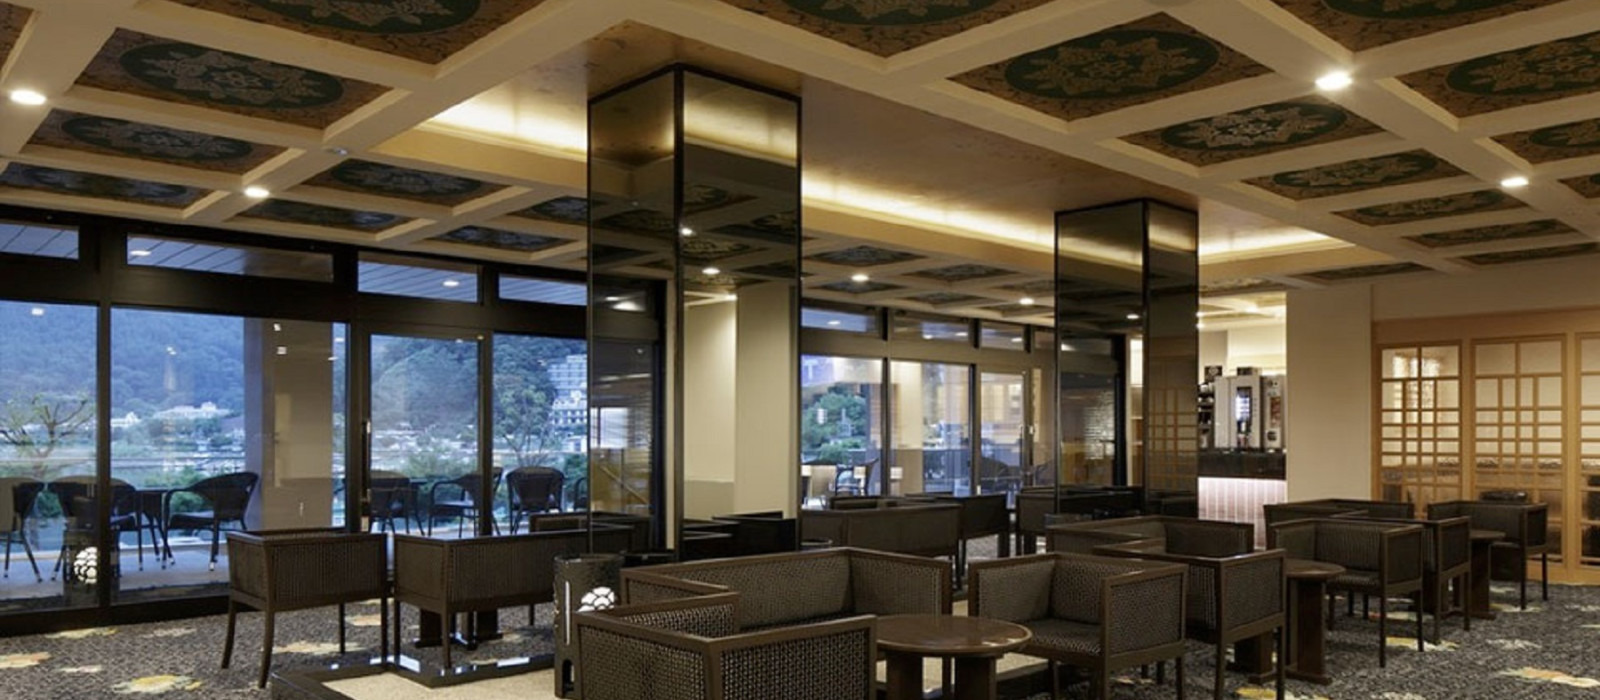 Hotel Konansou Ryokan Japan